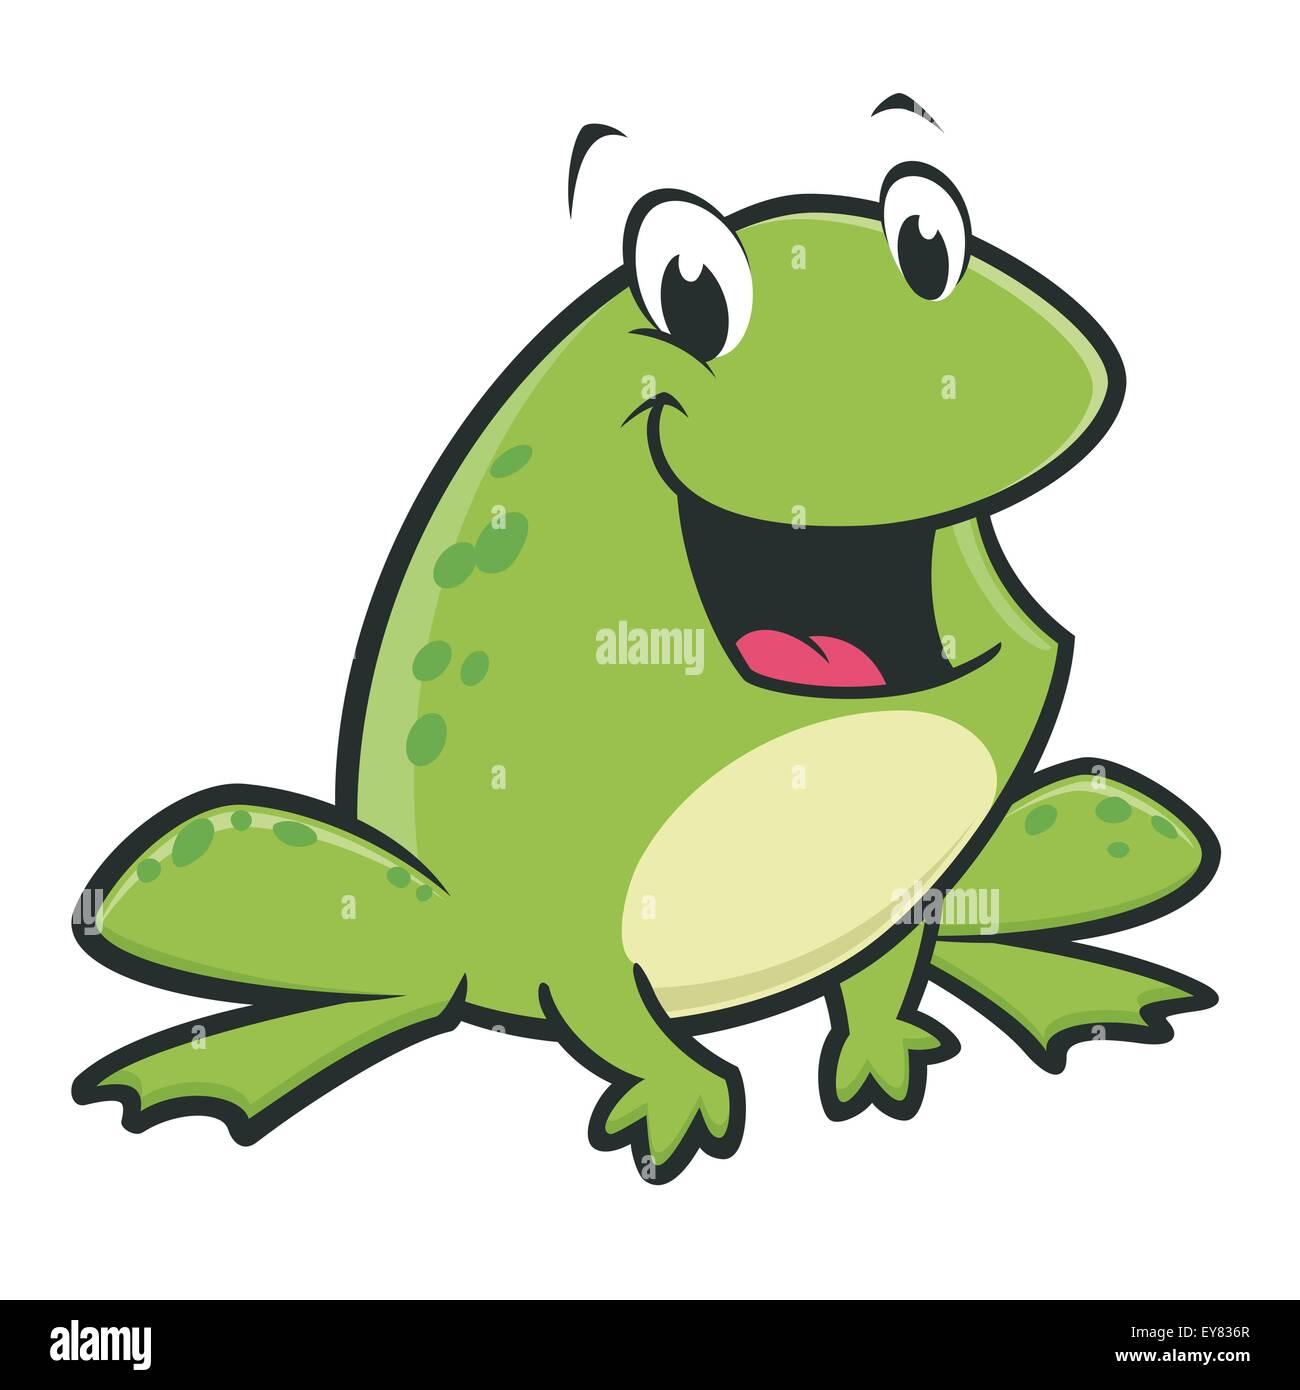 Lustiger frosch cartoon vektor abbildung bild 85615343 - Frosch englisch ...